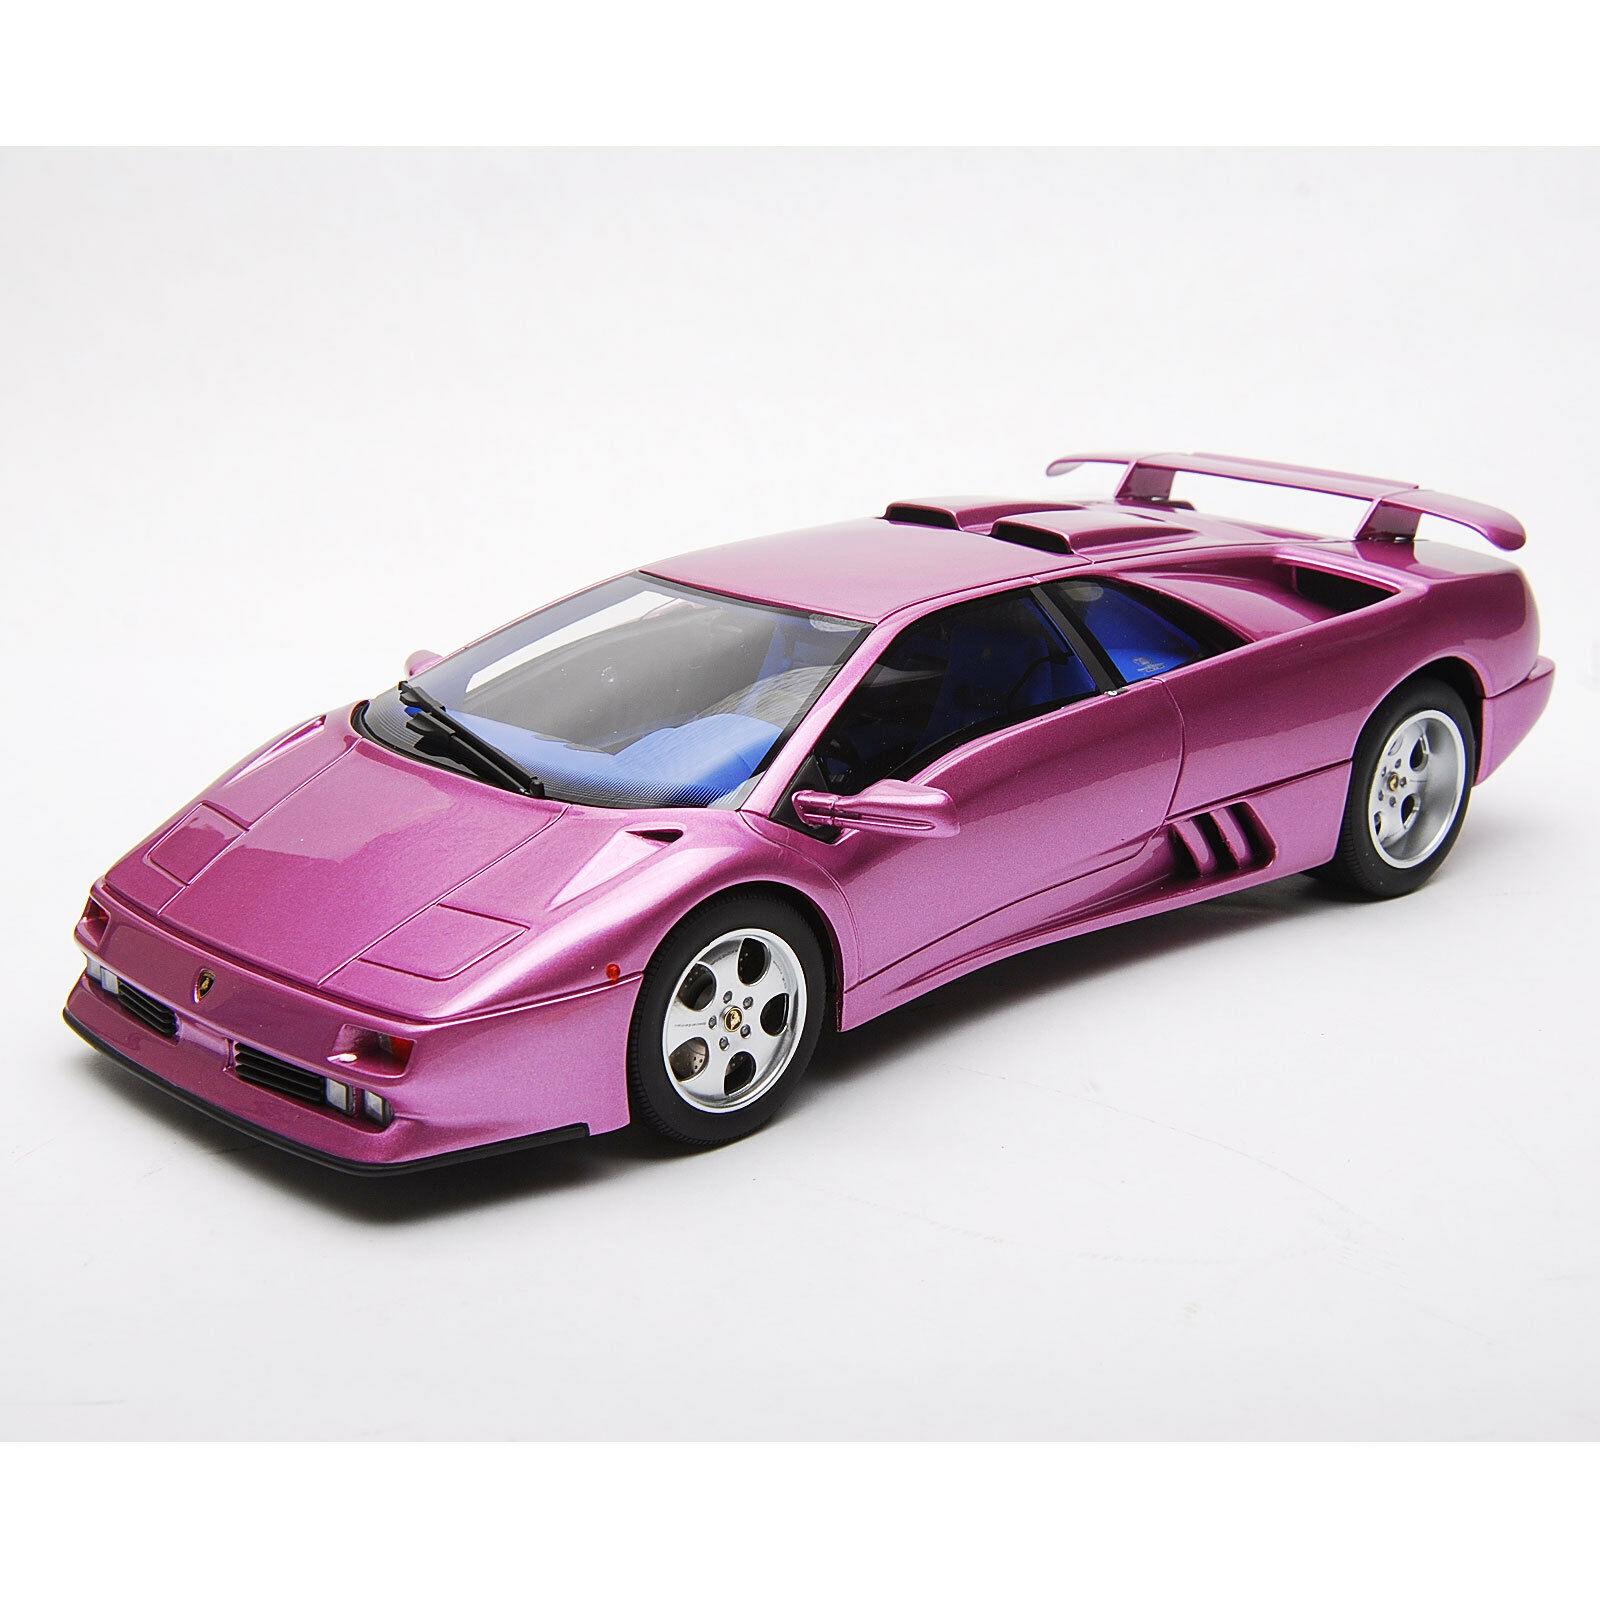 Lamborghini Diablo SE30 Jota résine voiture modèle violet pourpre 1 18 par Kyosho